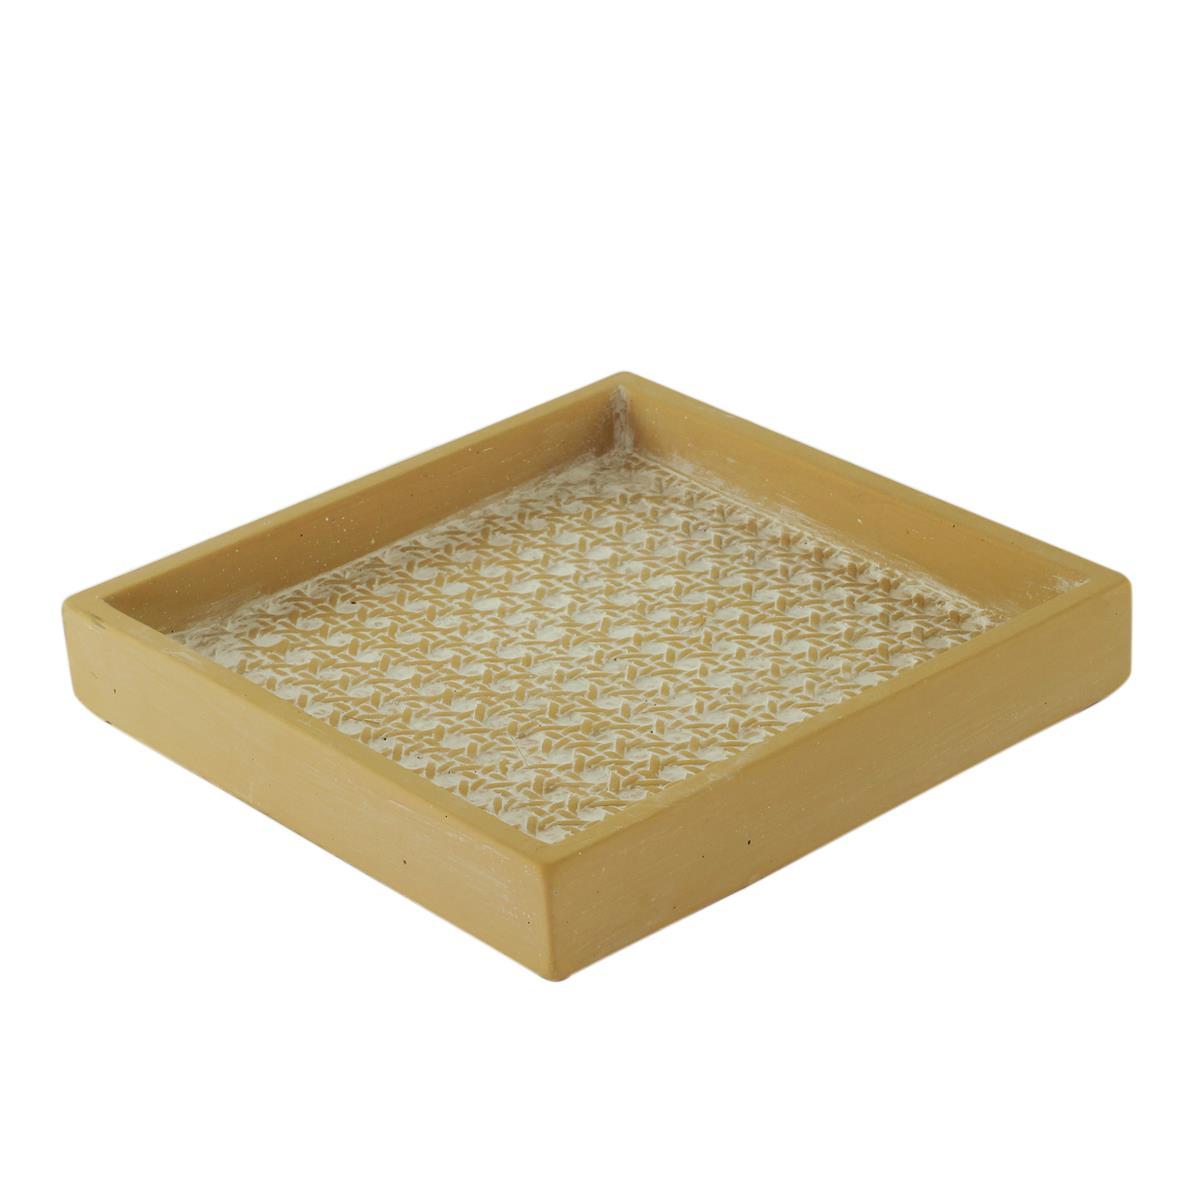 Centro de mesa concreto Strig Knot branco 19x3cm Urban